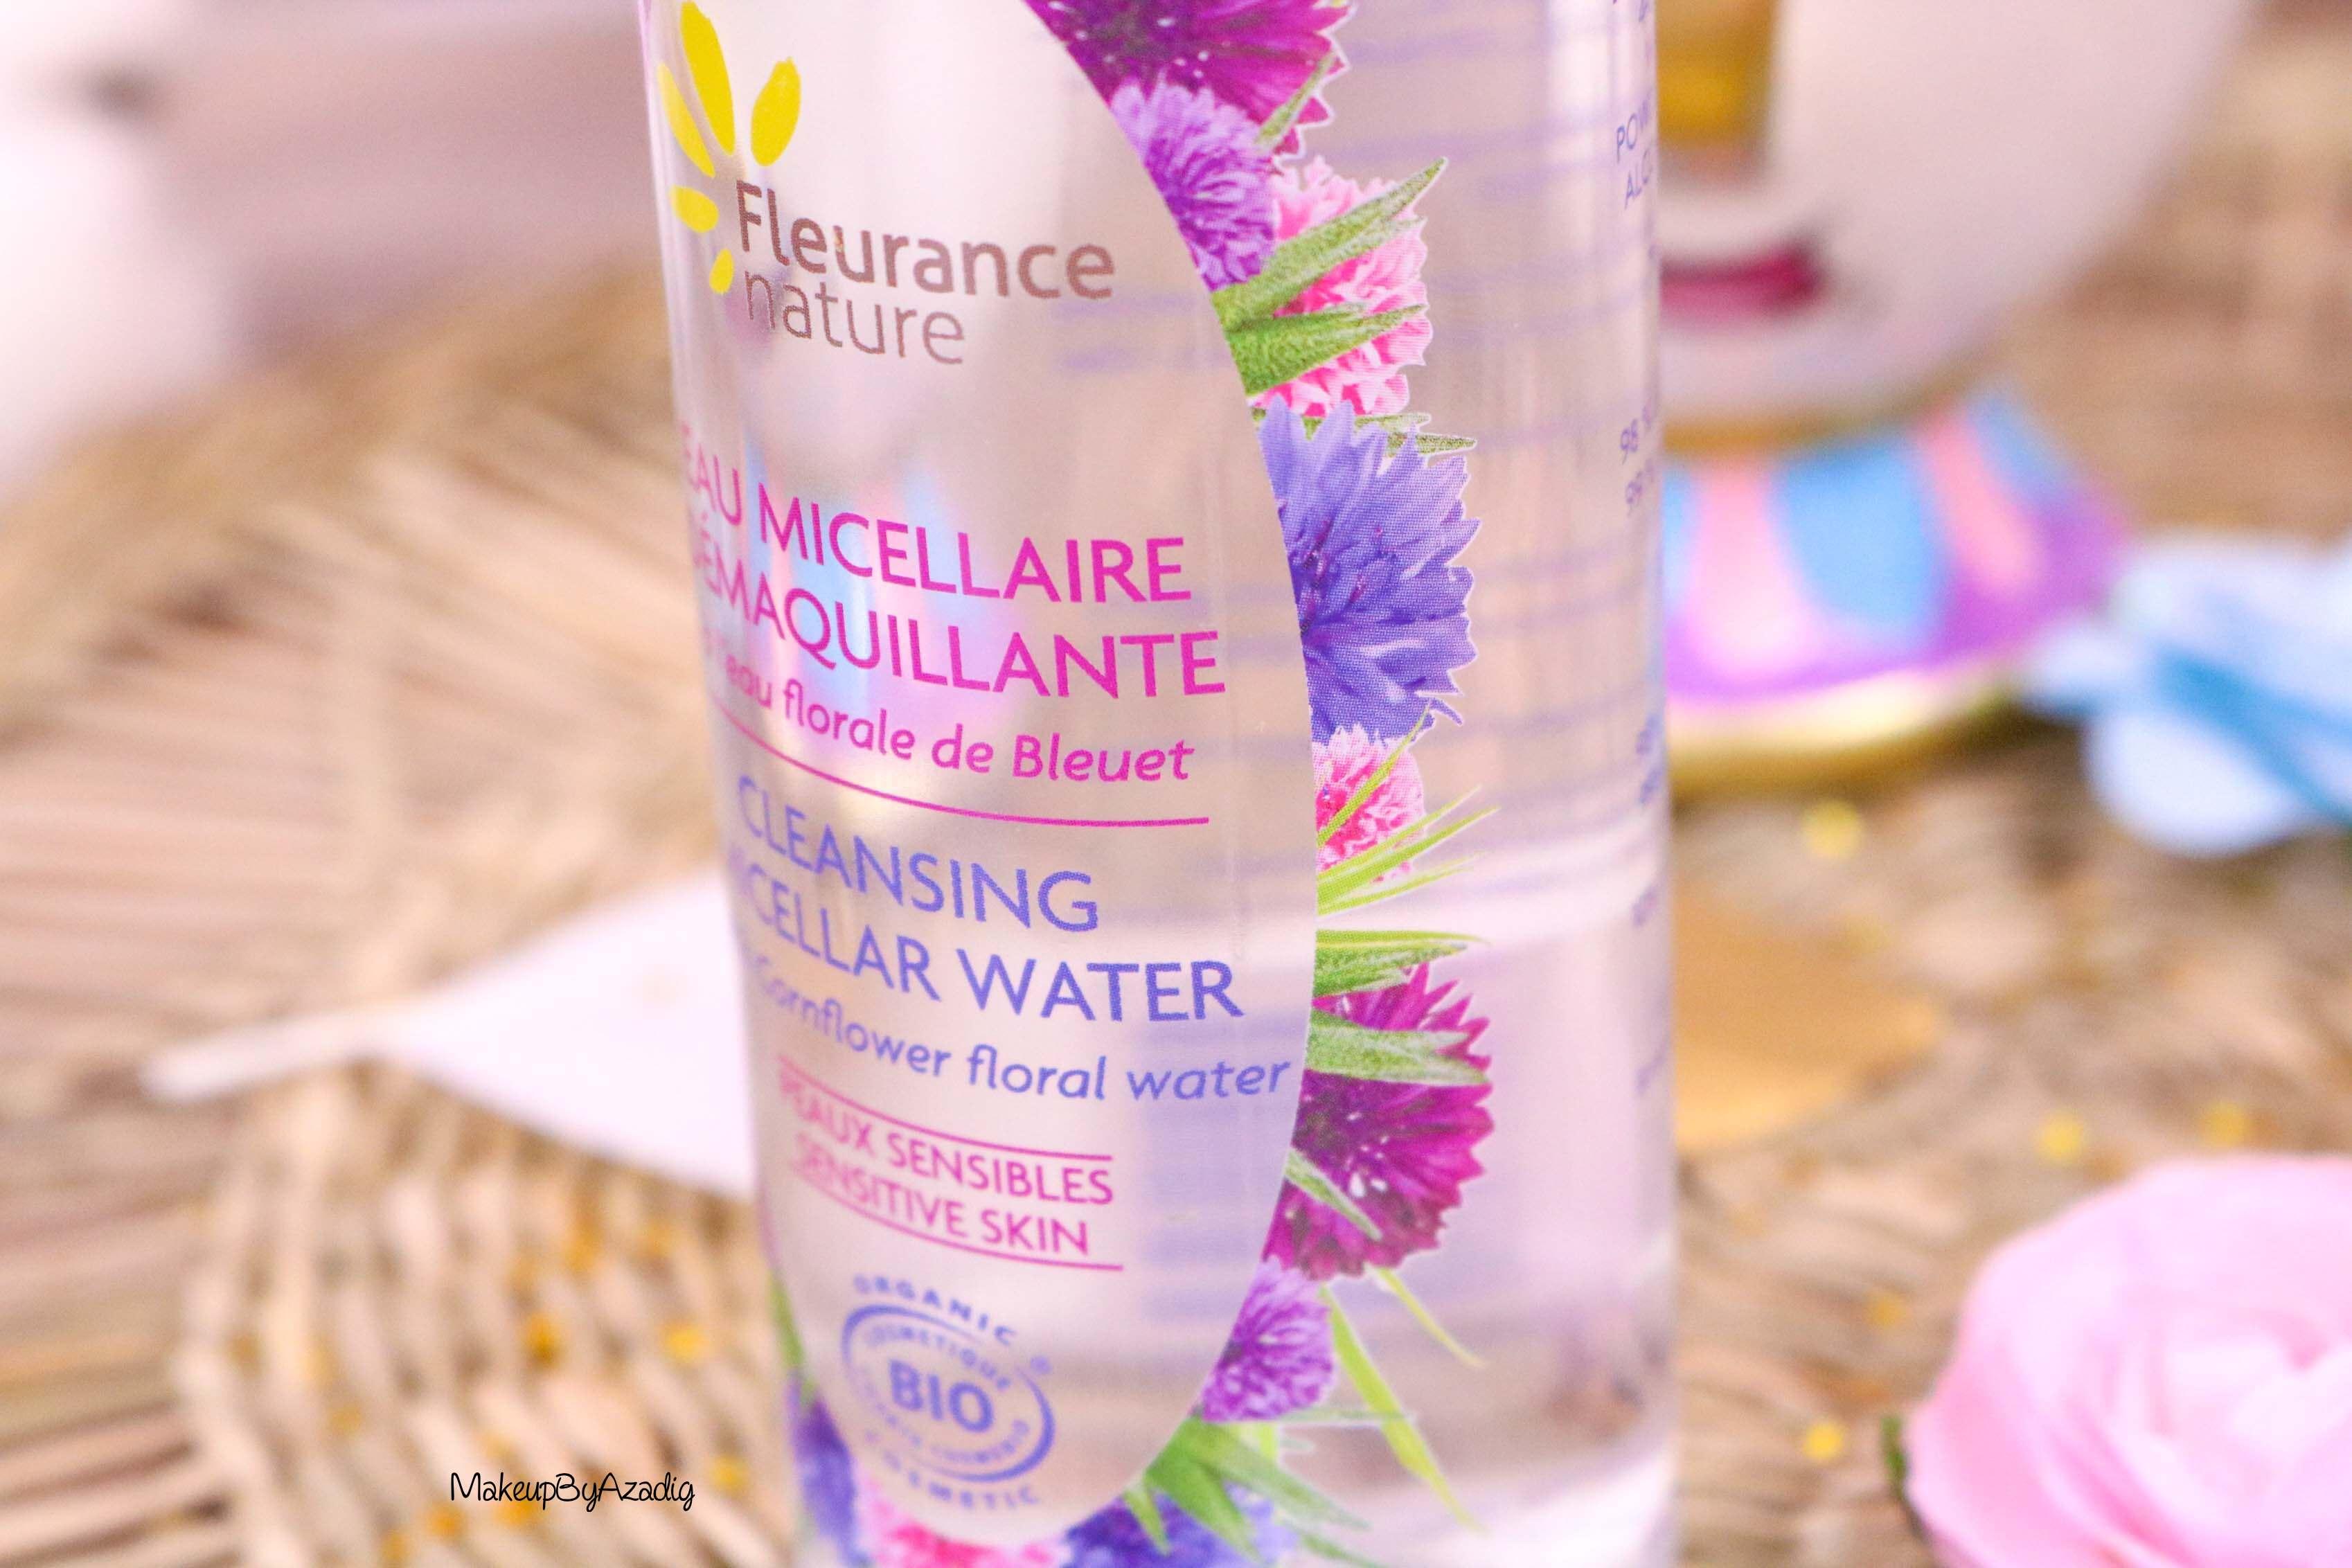 revue-eau-micellaire-peau-sensible-cosmetique-bio-fleurance-nature-makeupbyazadig-florale-bleuet-prix-avis-fleur